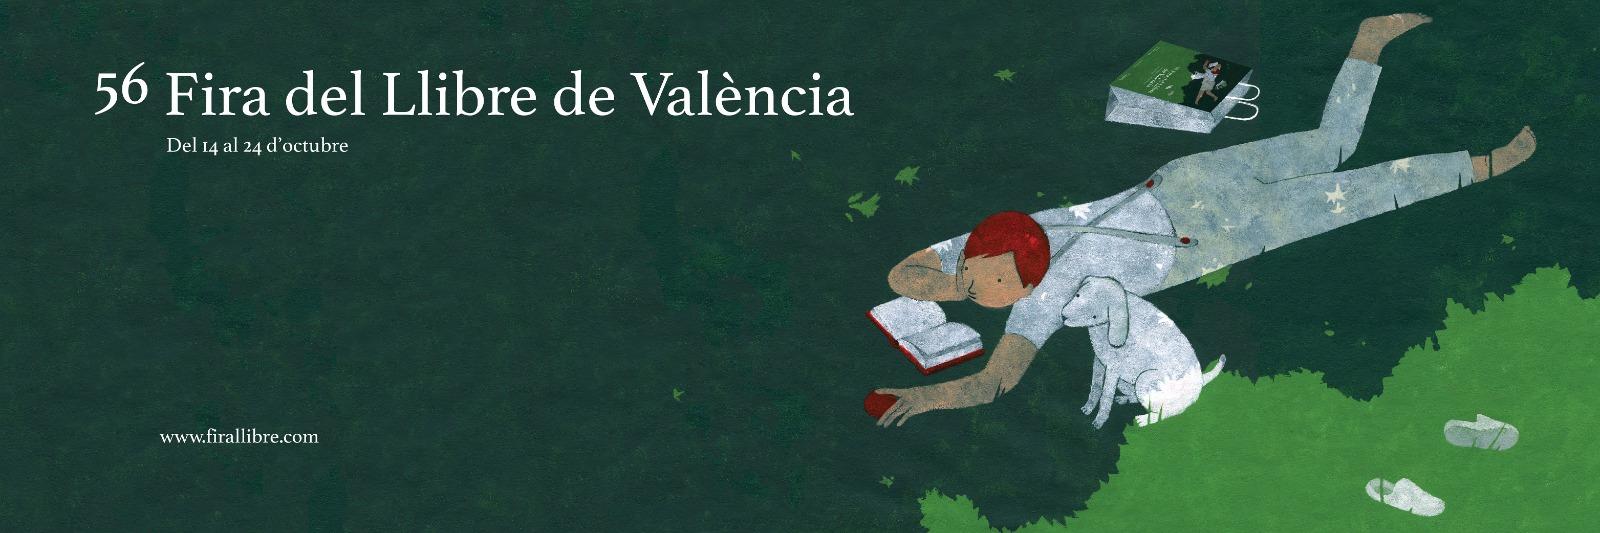 56 Fira del Llibre de València